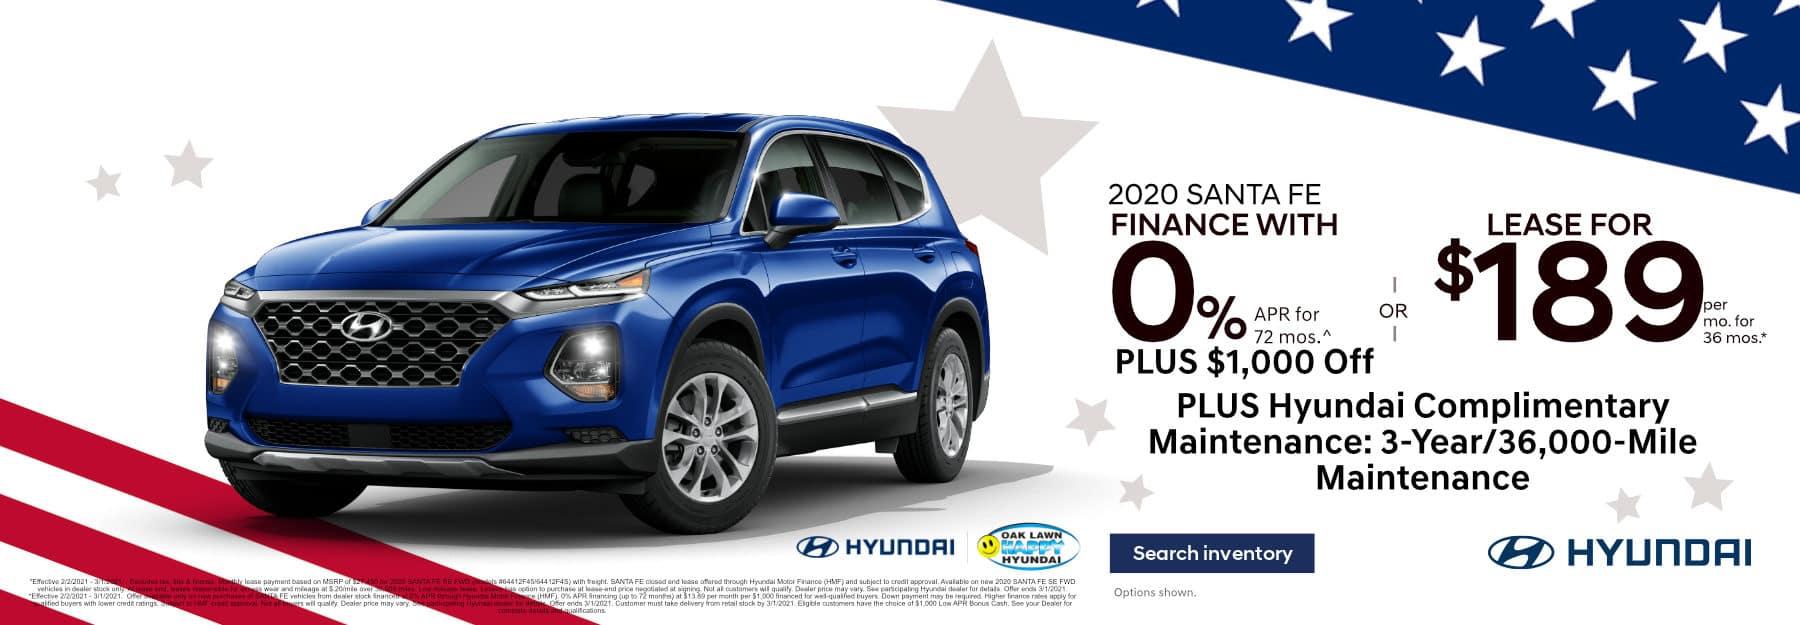 February_2021_Santa Fe_Happy_Hyundai